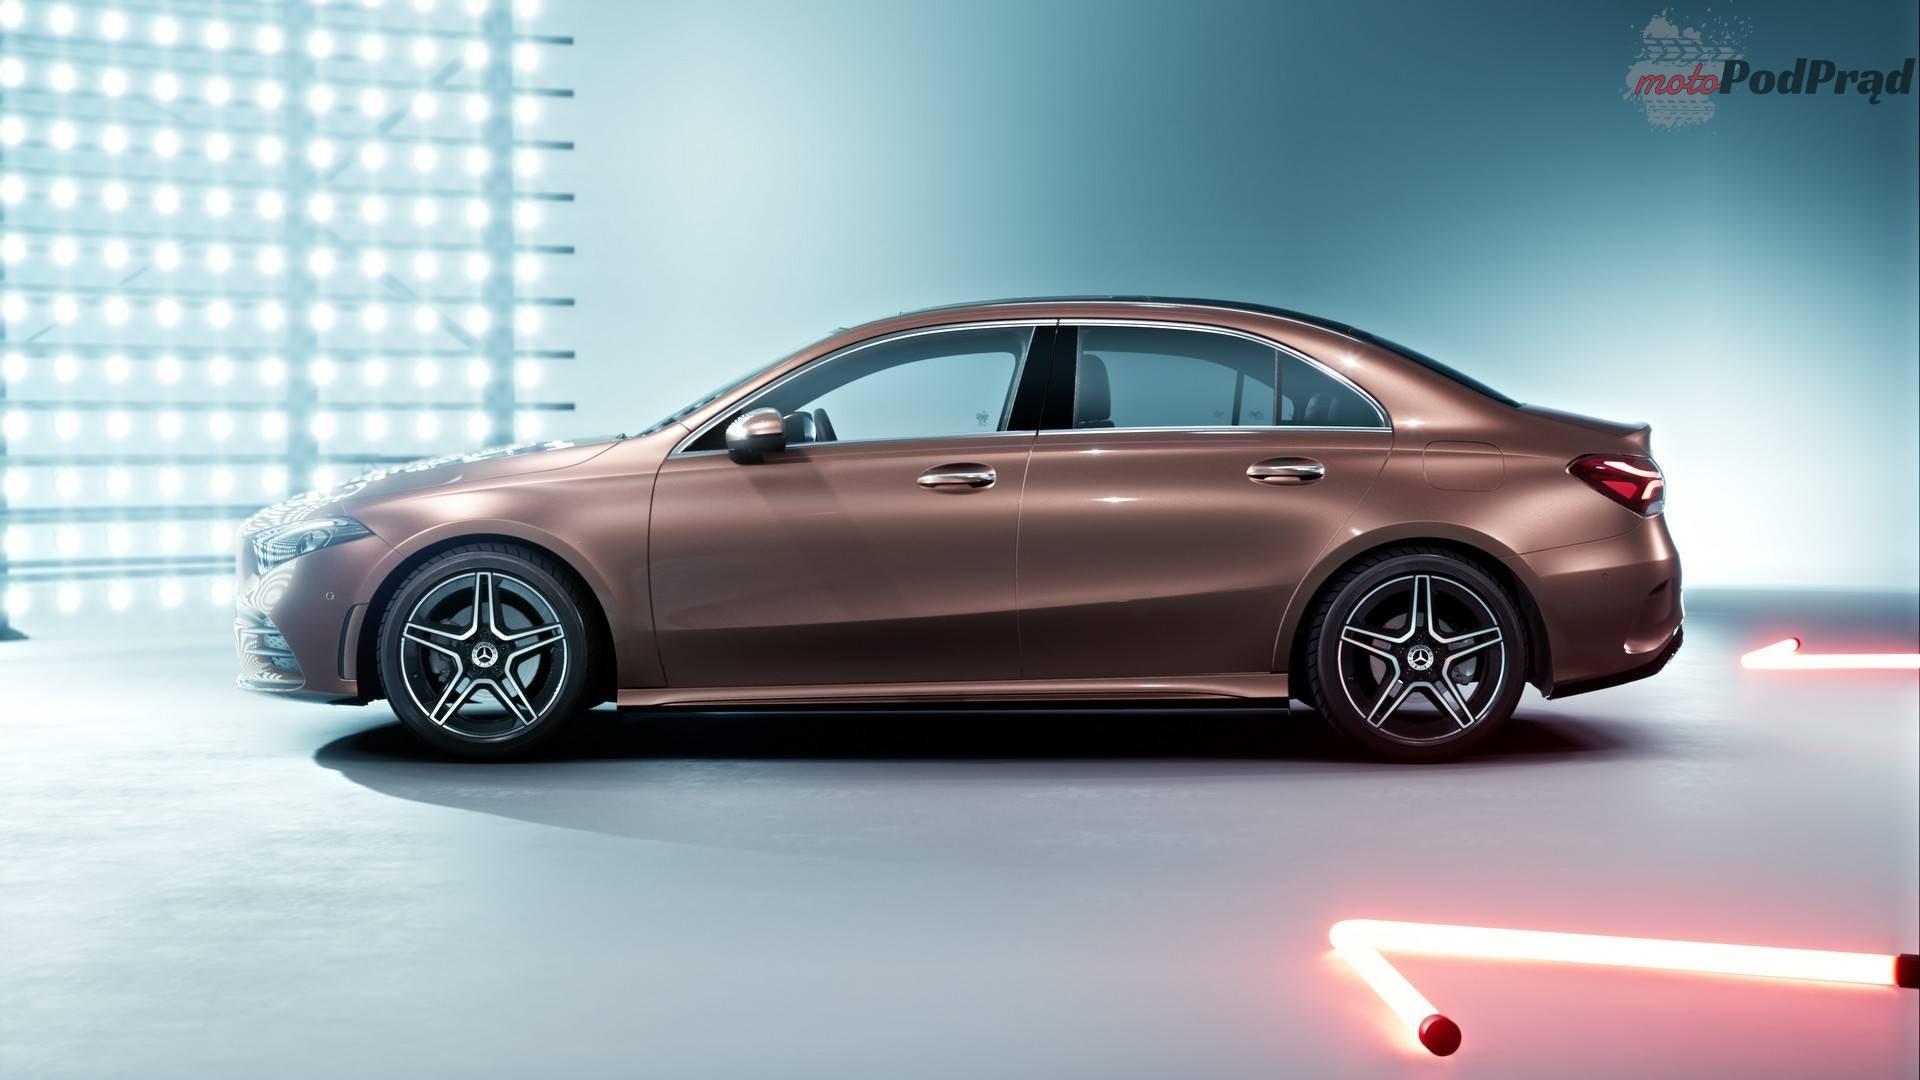 mercedes a class sedan long wheelbase chinese market Motoryzacyjny świat kłania się Chińczykom